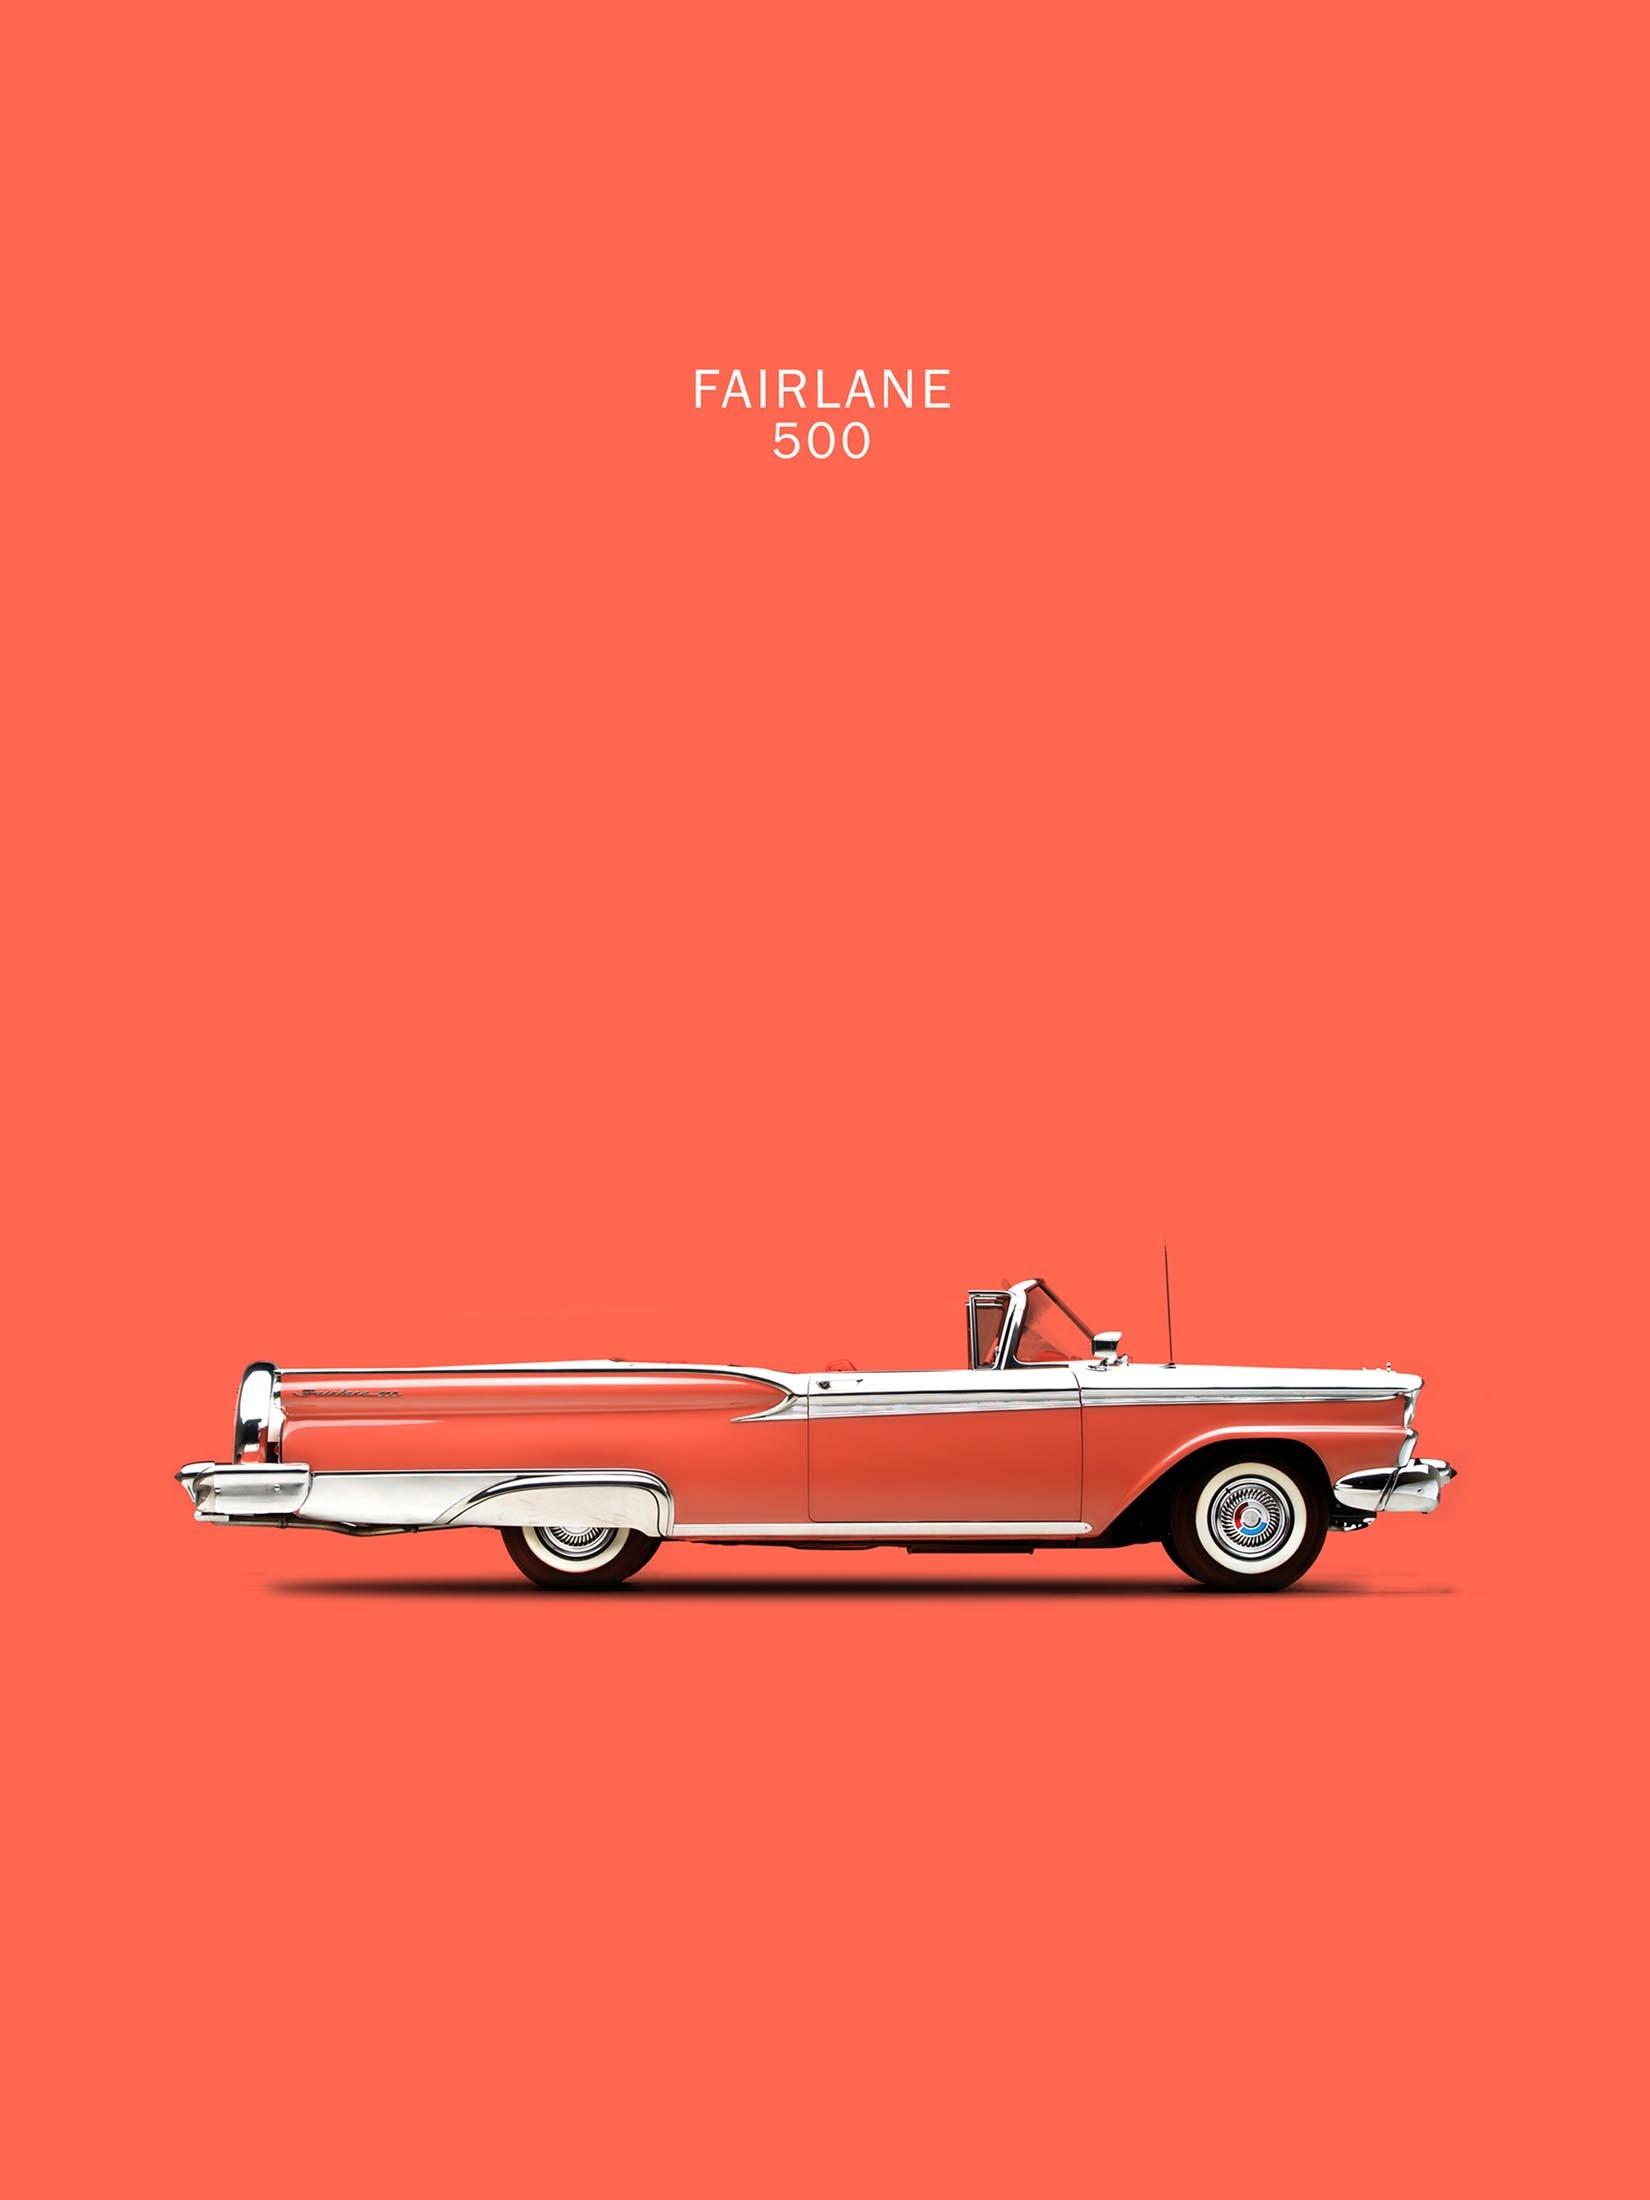 Fairelane 500